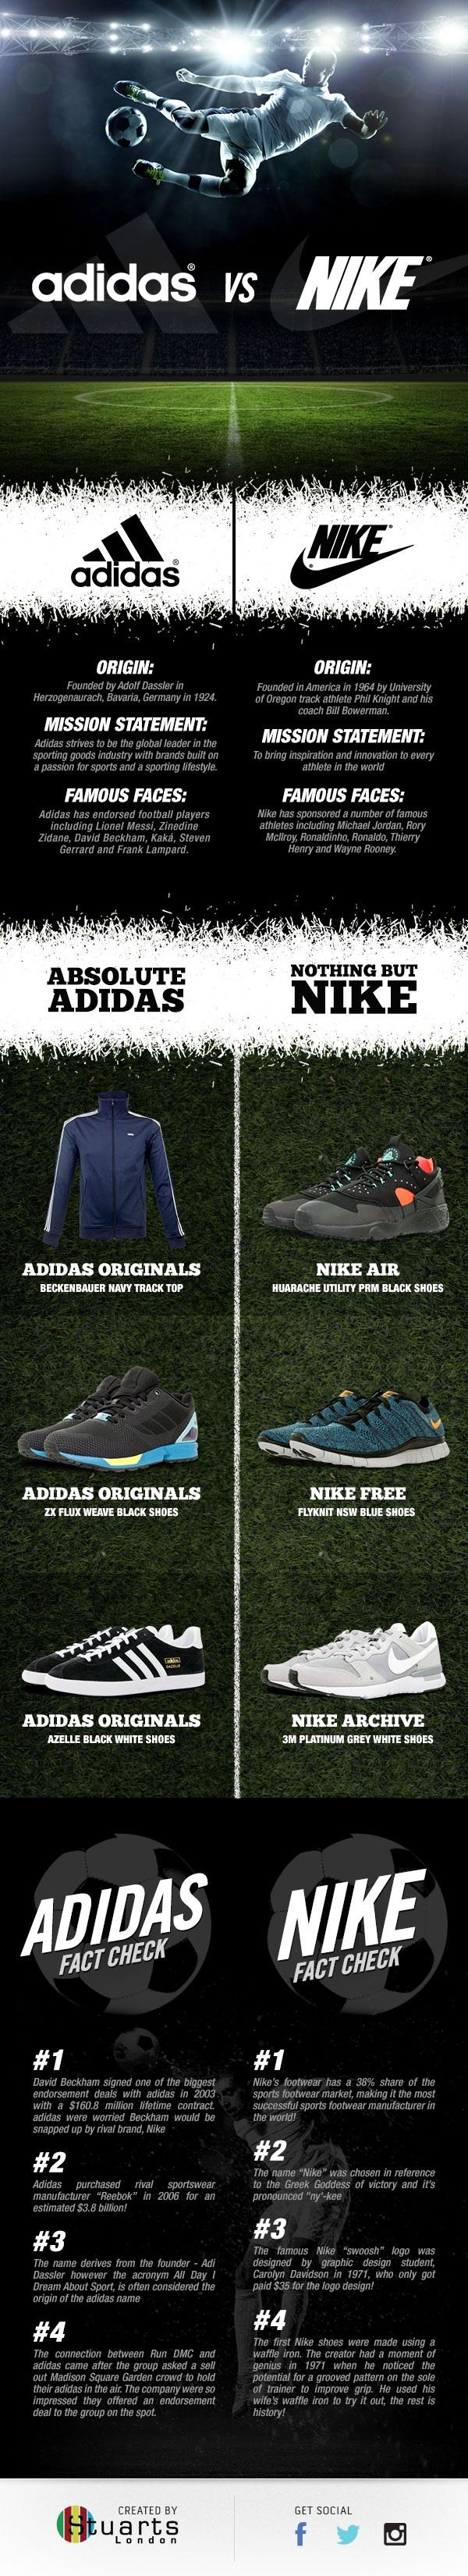 Nike - Adidas - Infographic - StuartsLondon